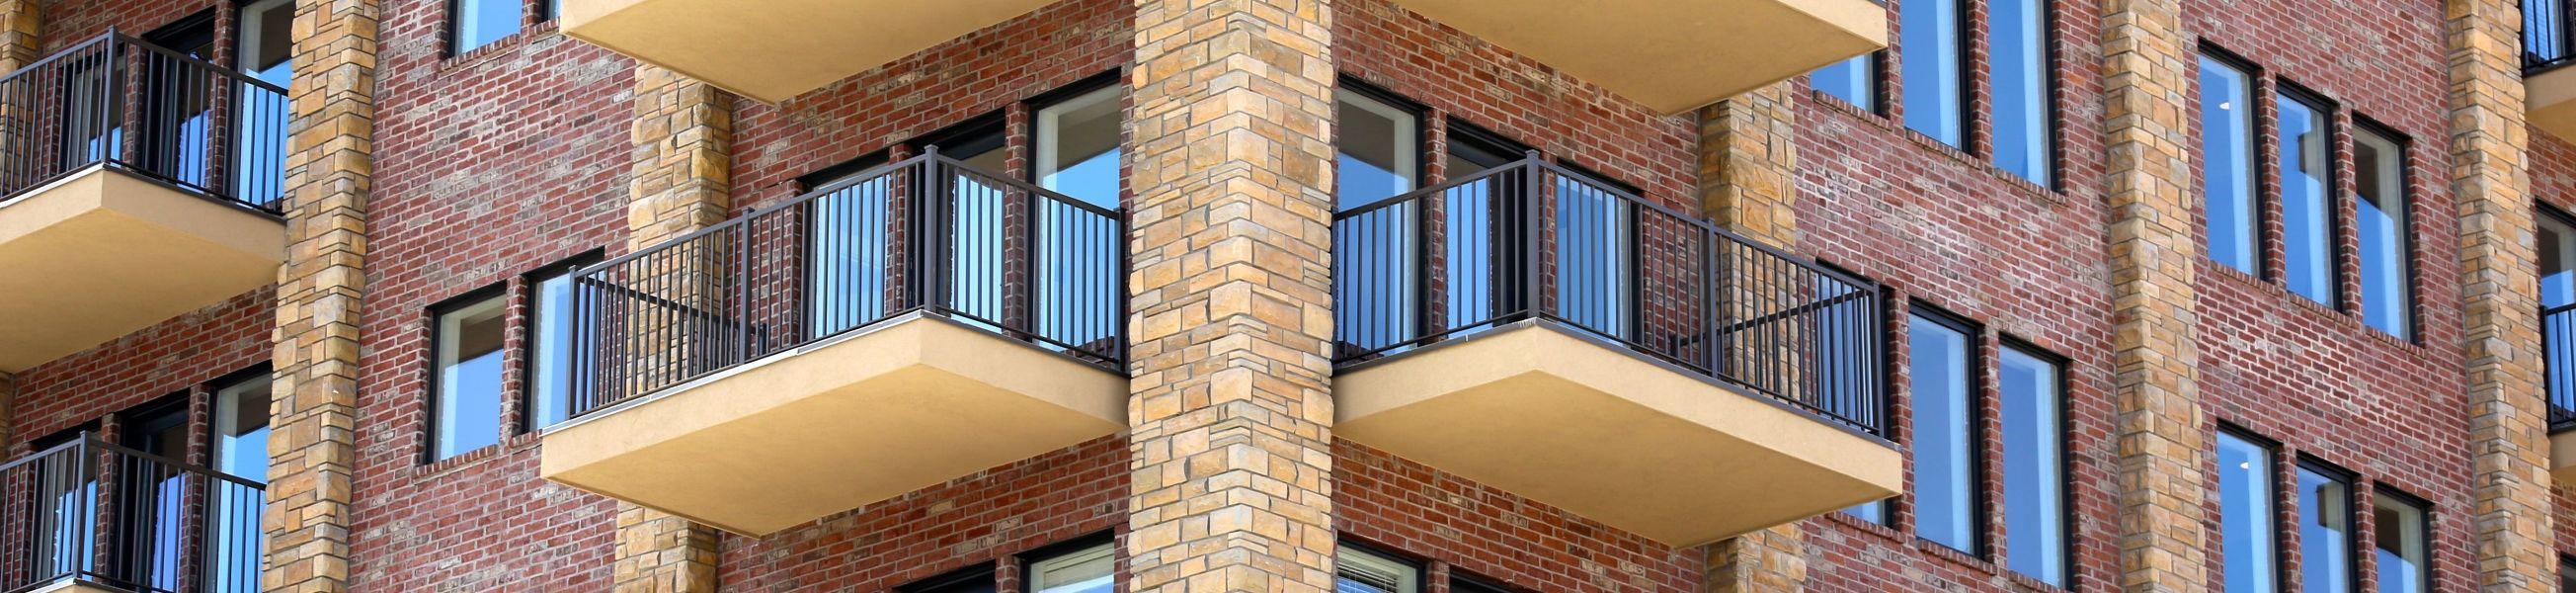 Bevorzugt Balkon bauen - Kosten & Preise UW05